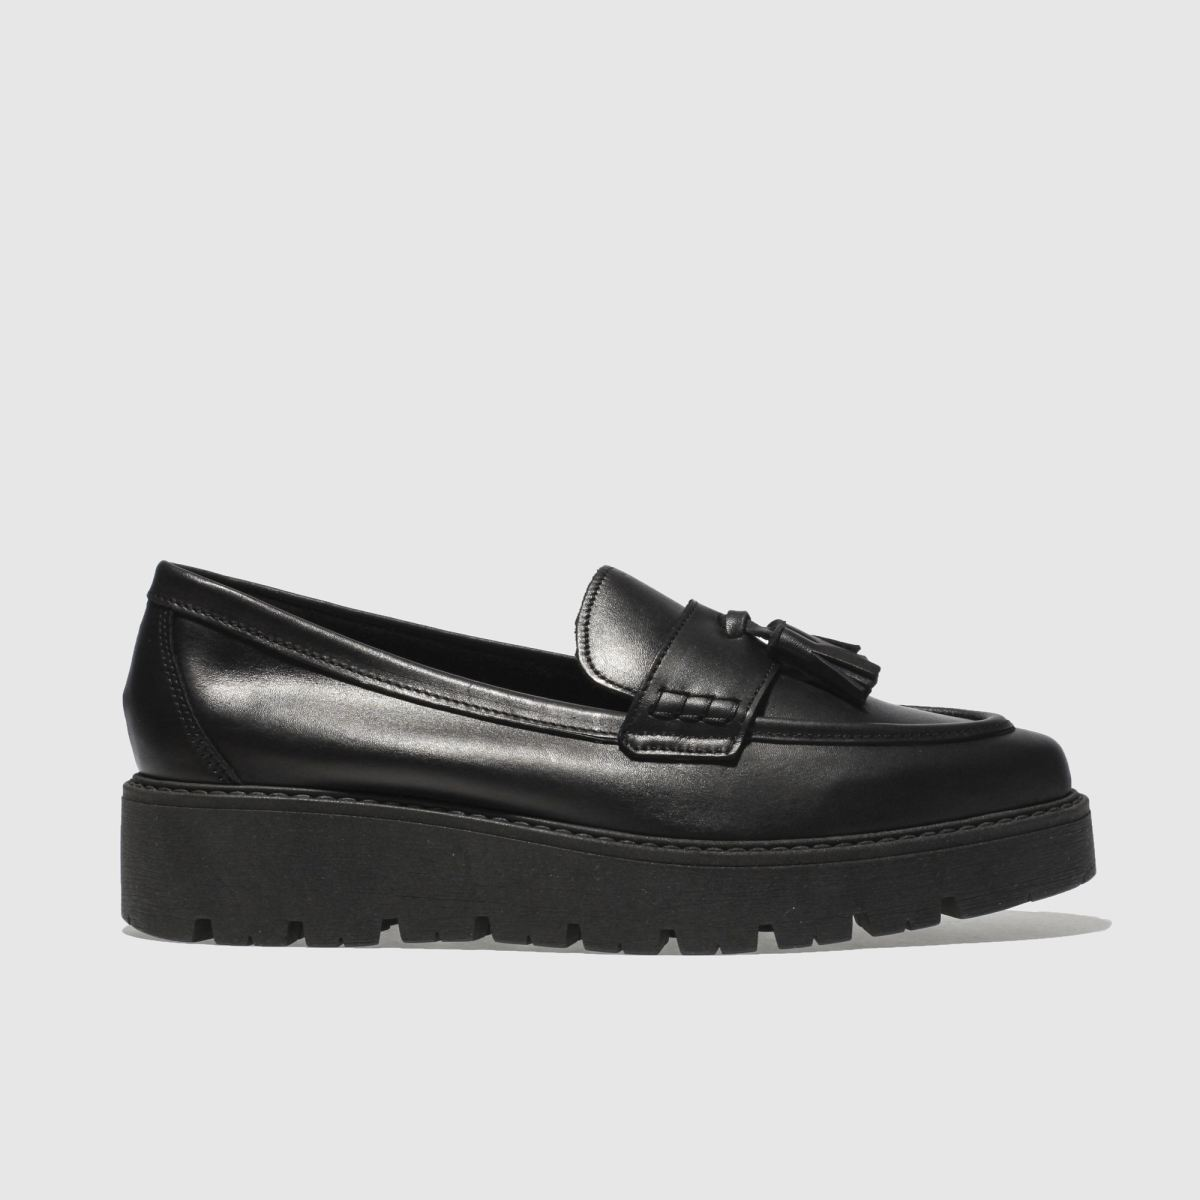 Schuh Black Stroller Flat Shoes